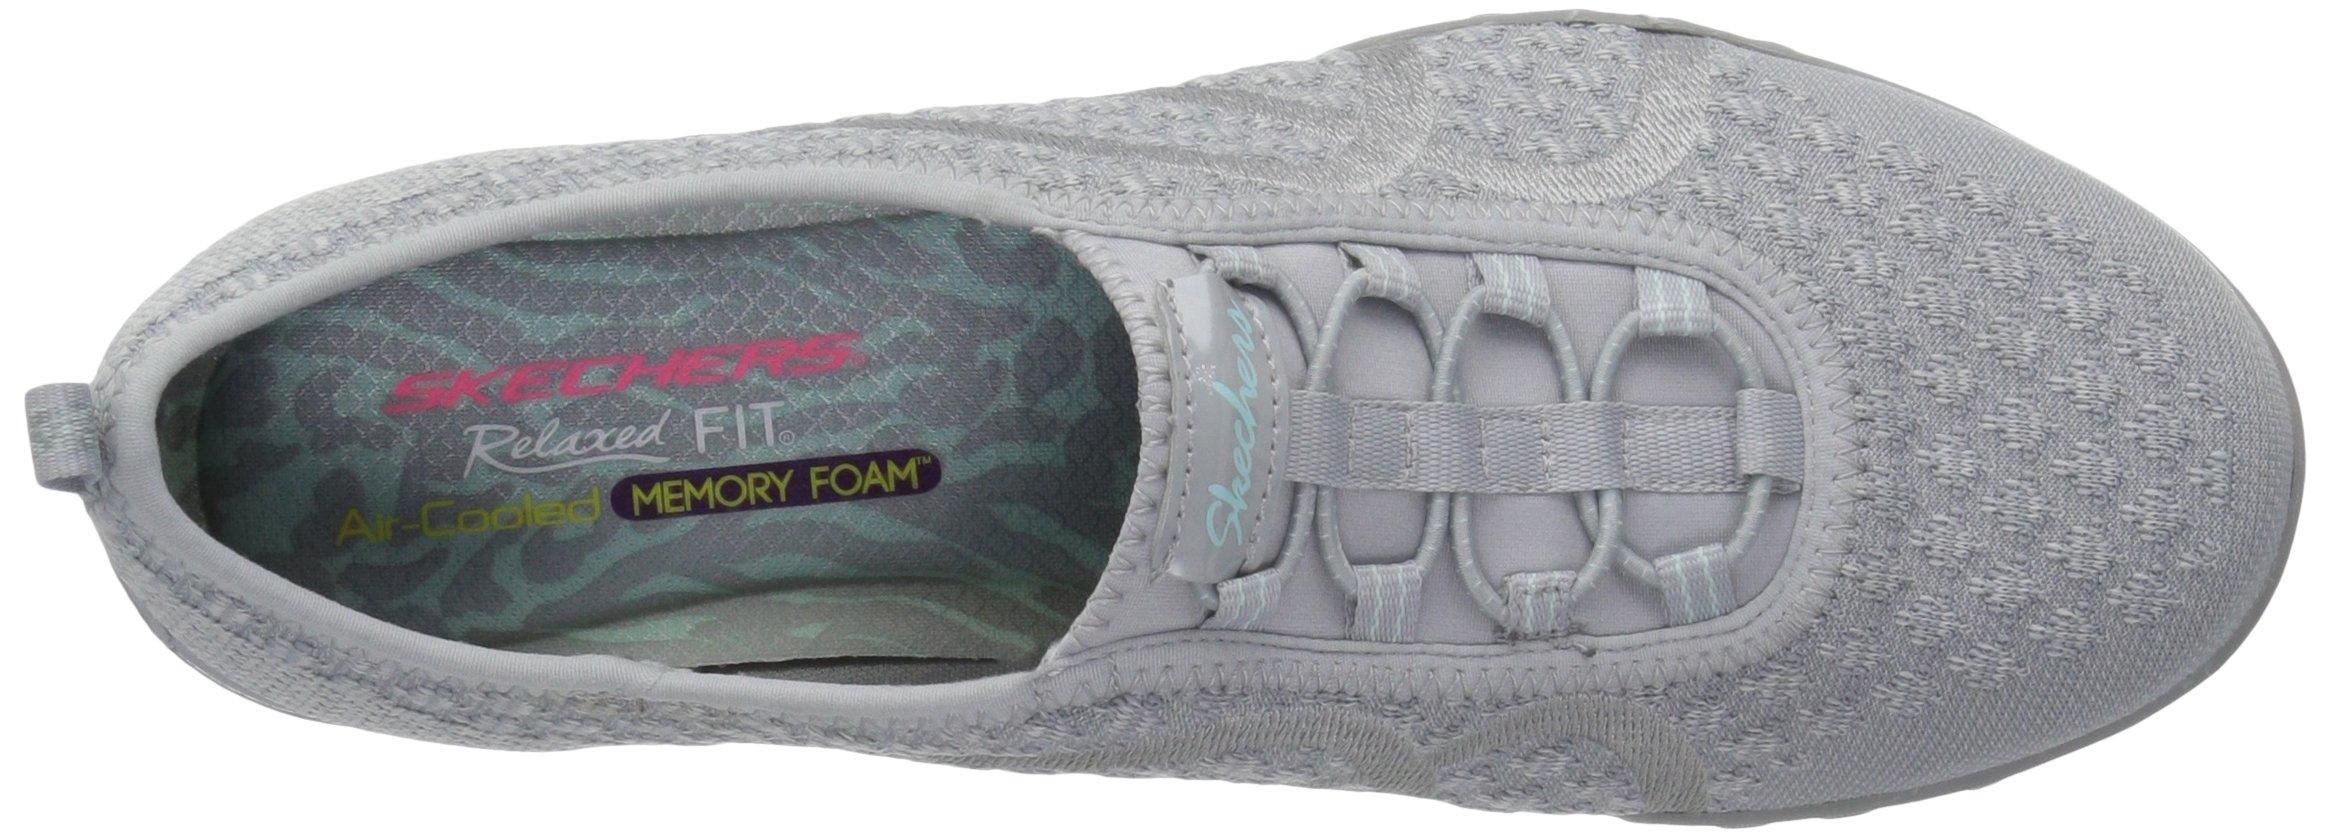 Skechers Sport Women's Breathe Easy Fortune Fashion Sneaker,Grey Knit,5.5 M US by Skechers (Image #8)